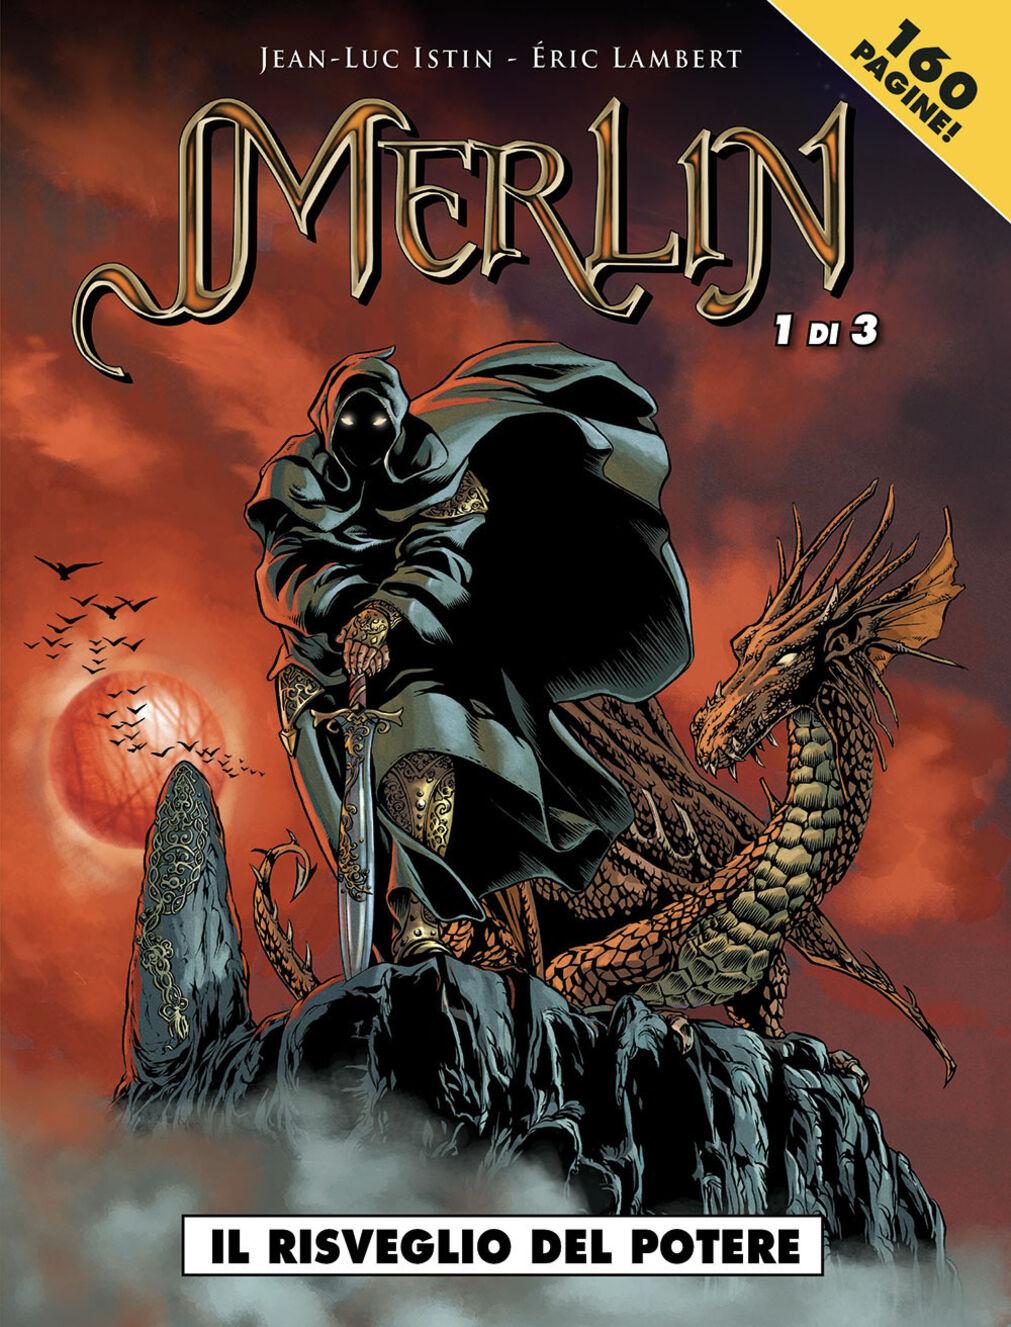 Il risveglio del potere. Merlin. Vol. 1